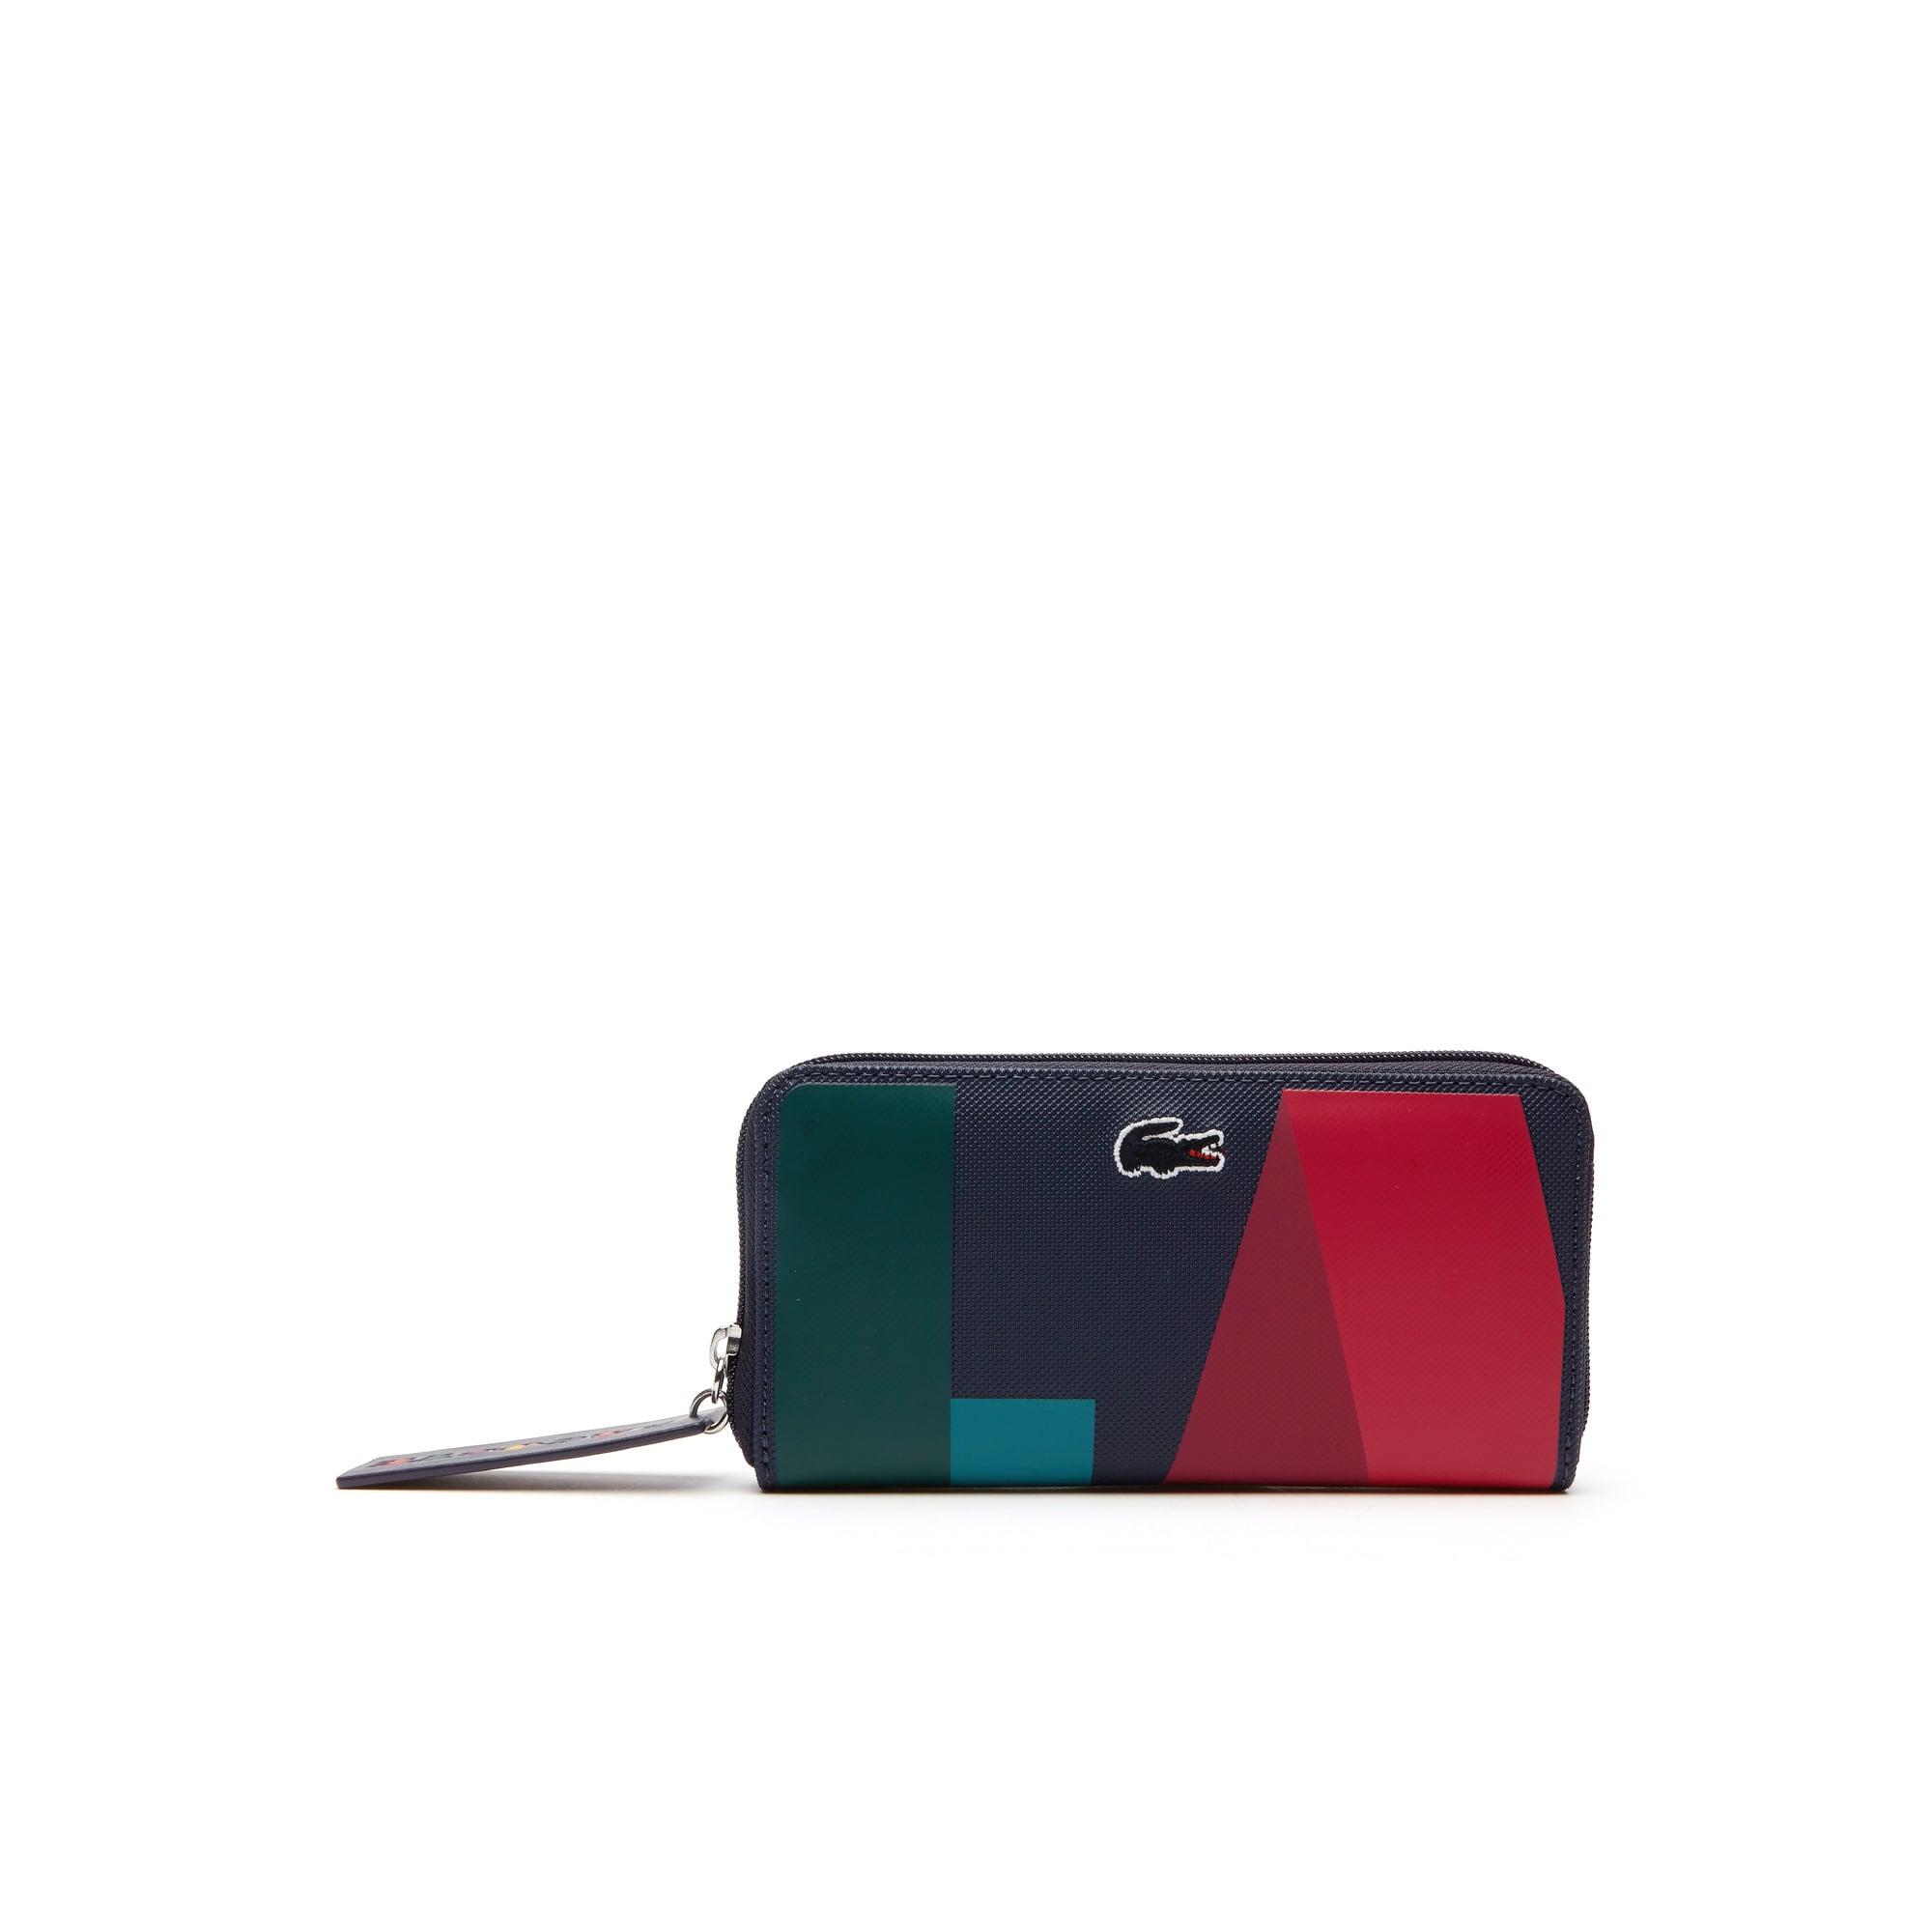 Portefeuille zippé L.12.12 Concept petit piqué color block